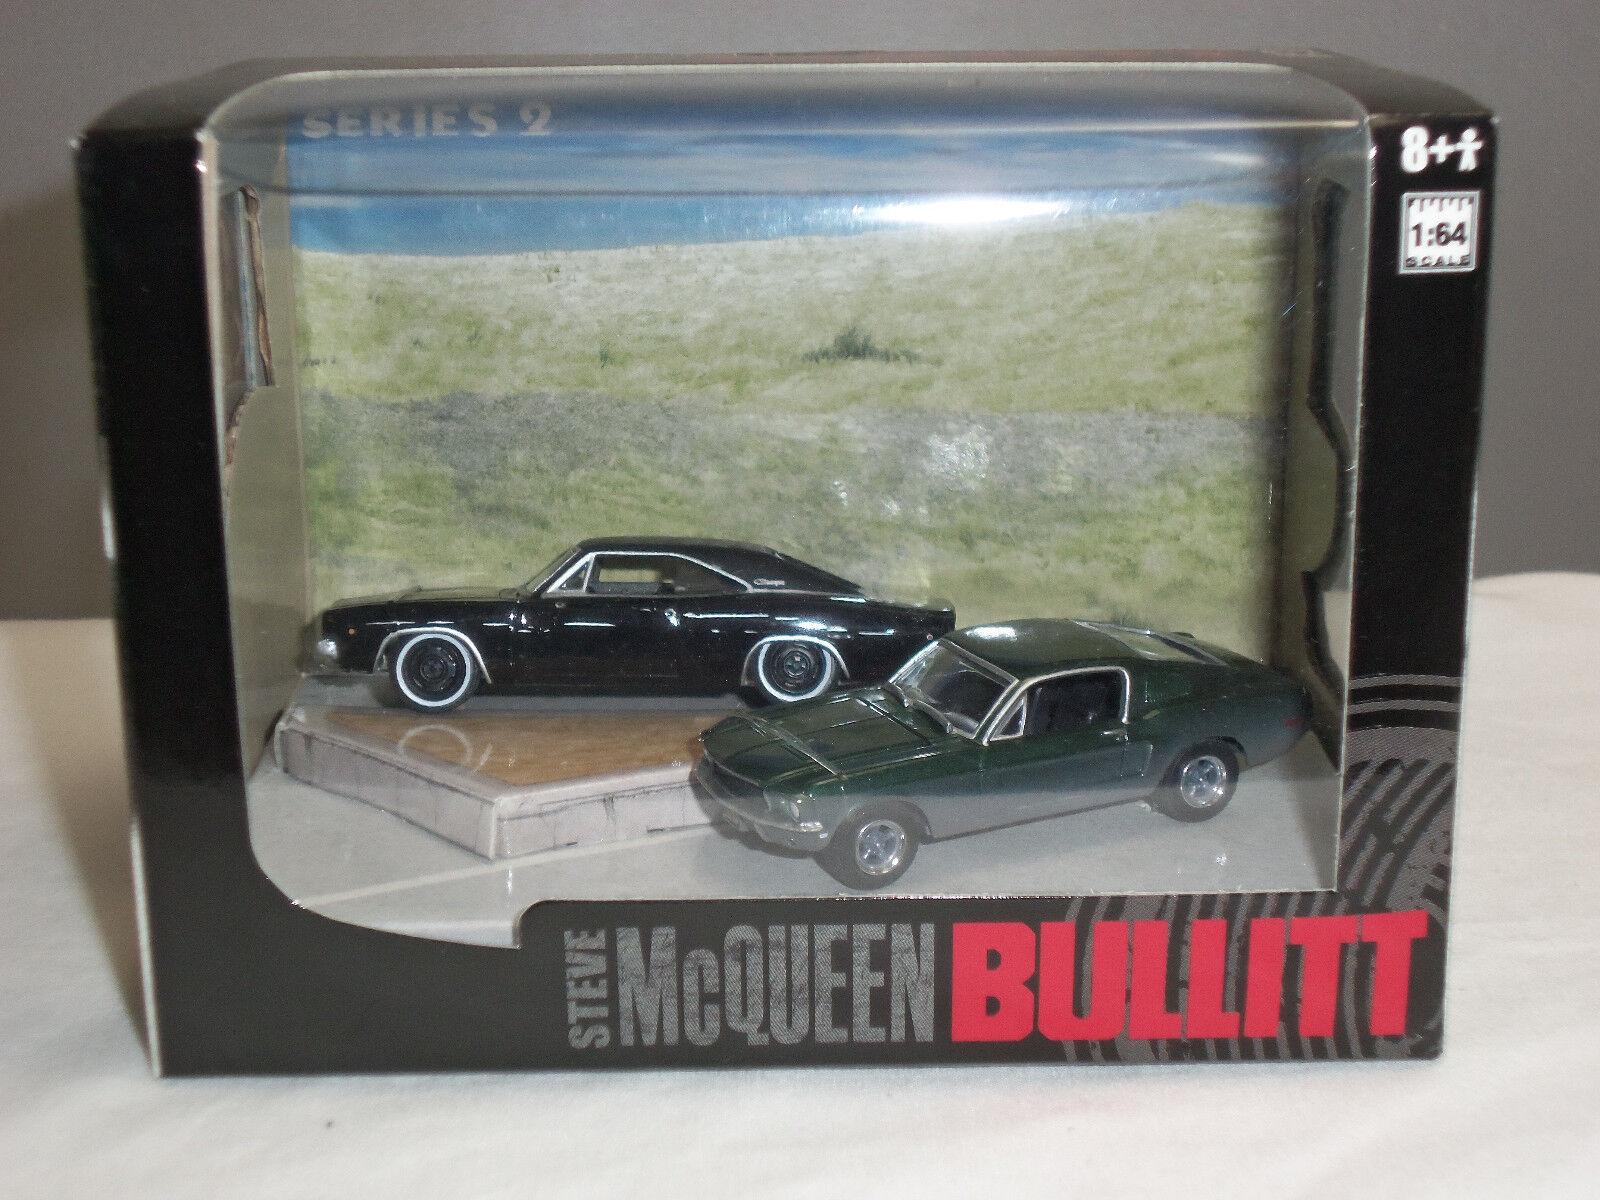 vertlight 56020 Bullitt Steve McQueen Ford Mustang + méchant Voiture Diecast diorama